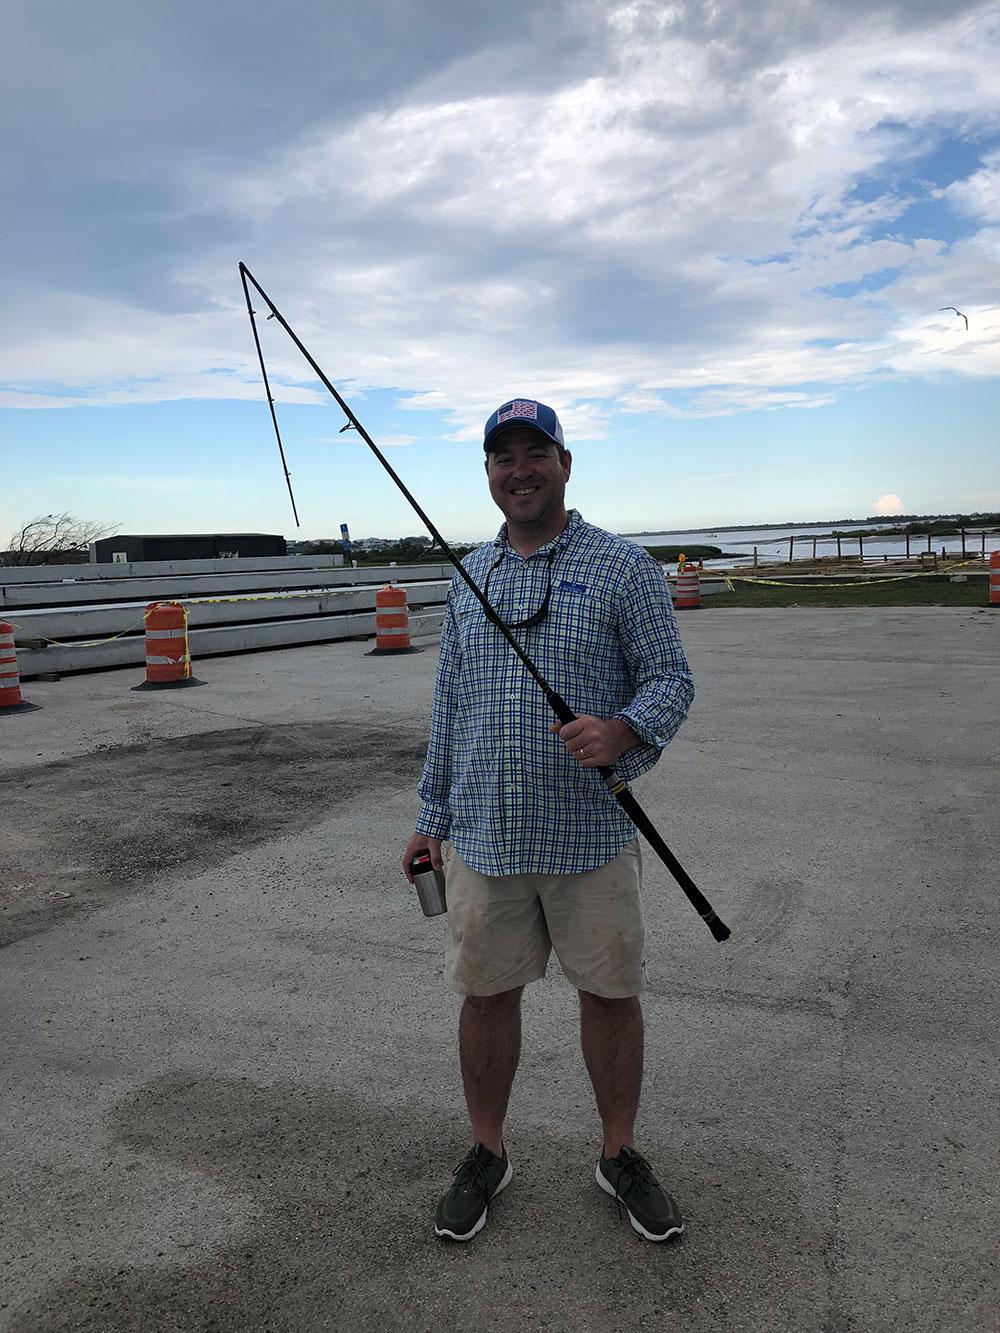 man holding fishing pole on dry land